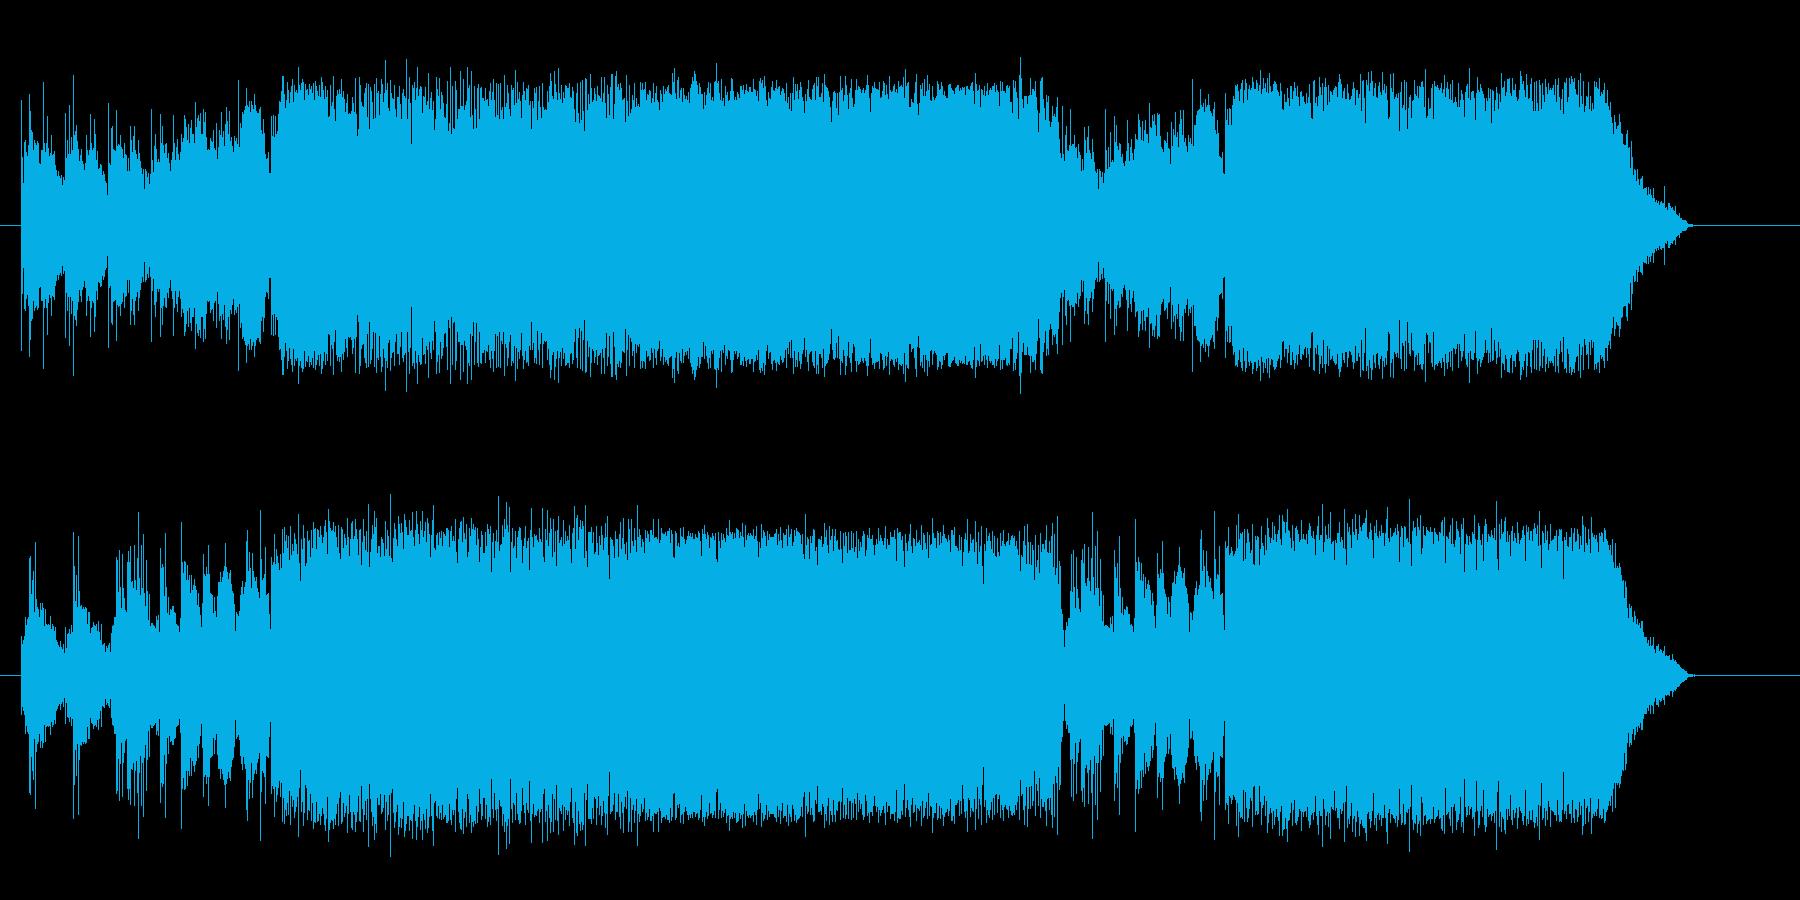 ネイチャーシリーズの楽曲の1つです。幻…の再生済みの波形